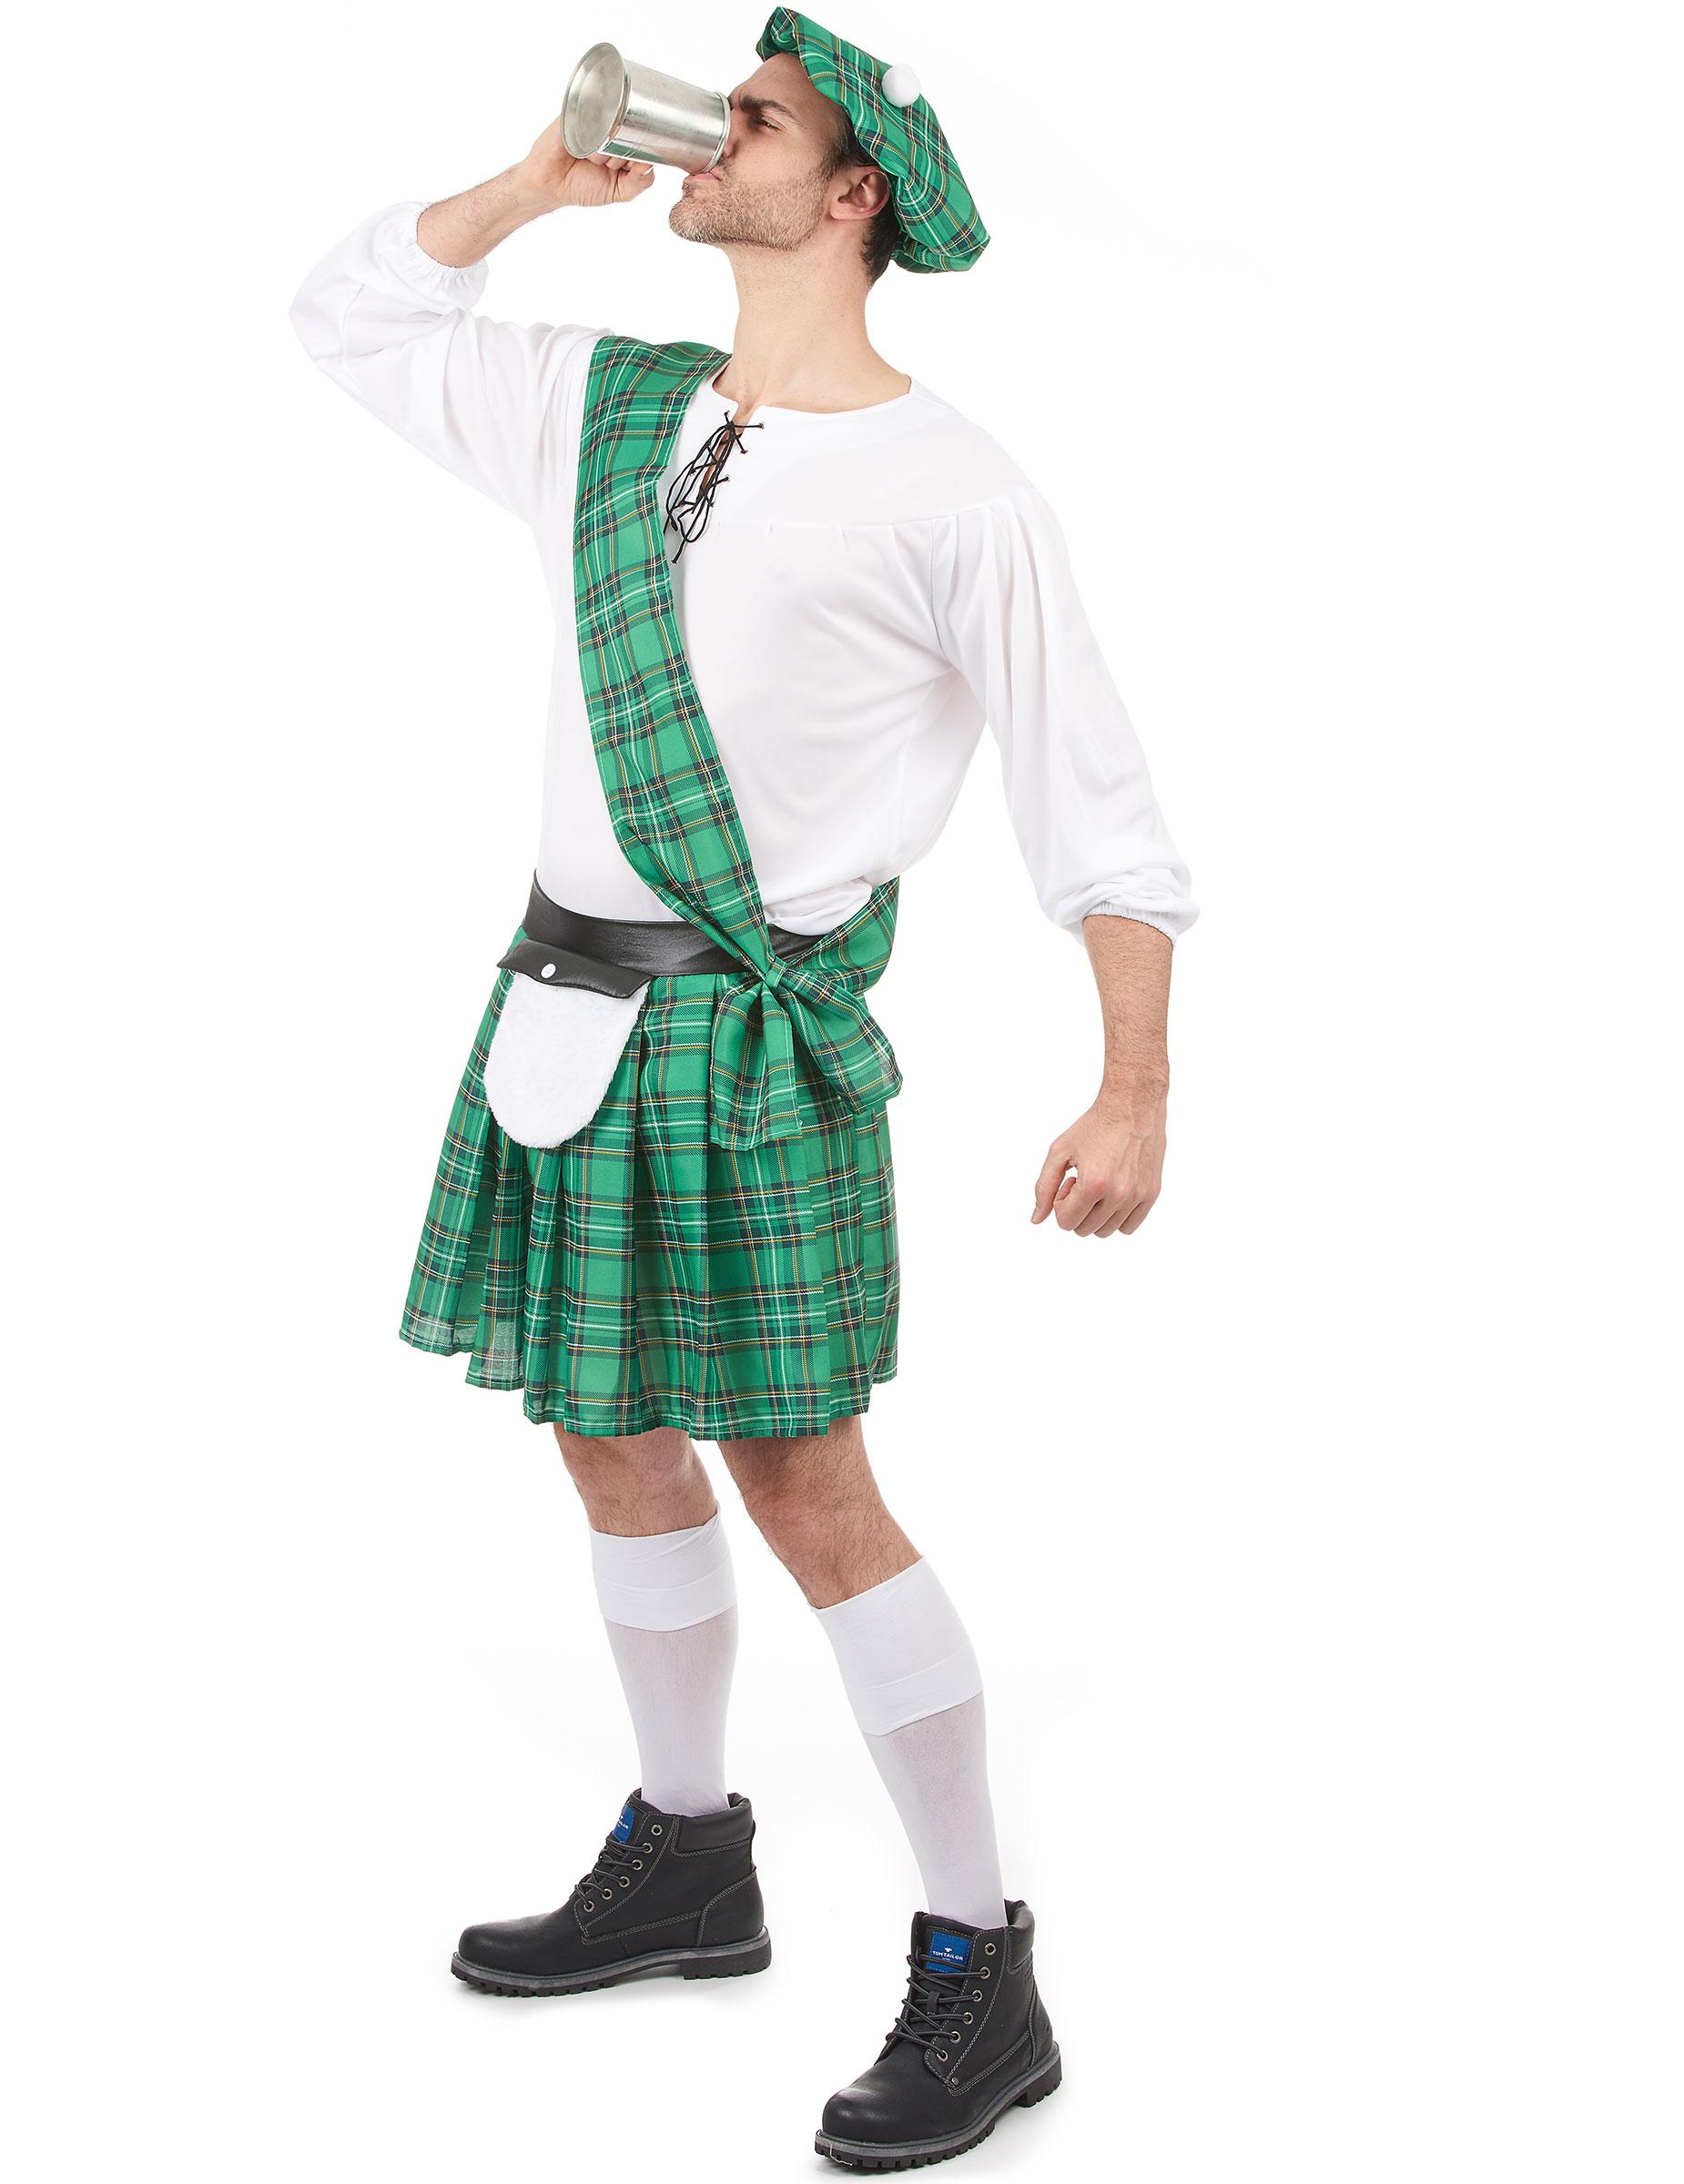 D guisement cossais vert homme achat de d guisements - Deguisement en o ...